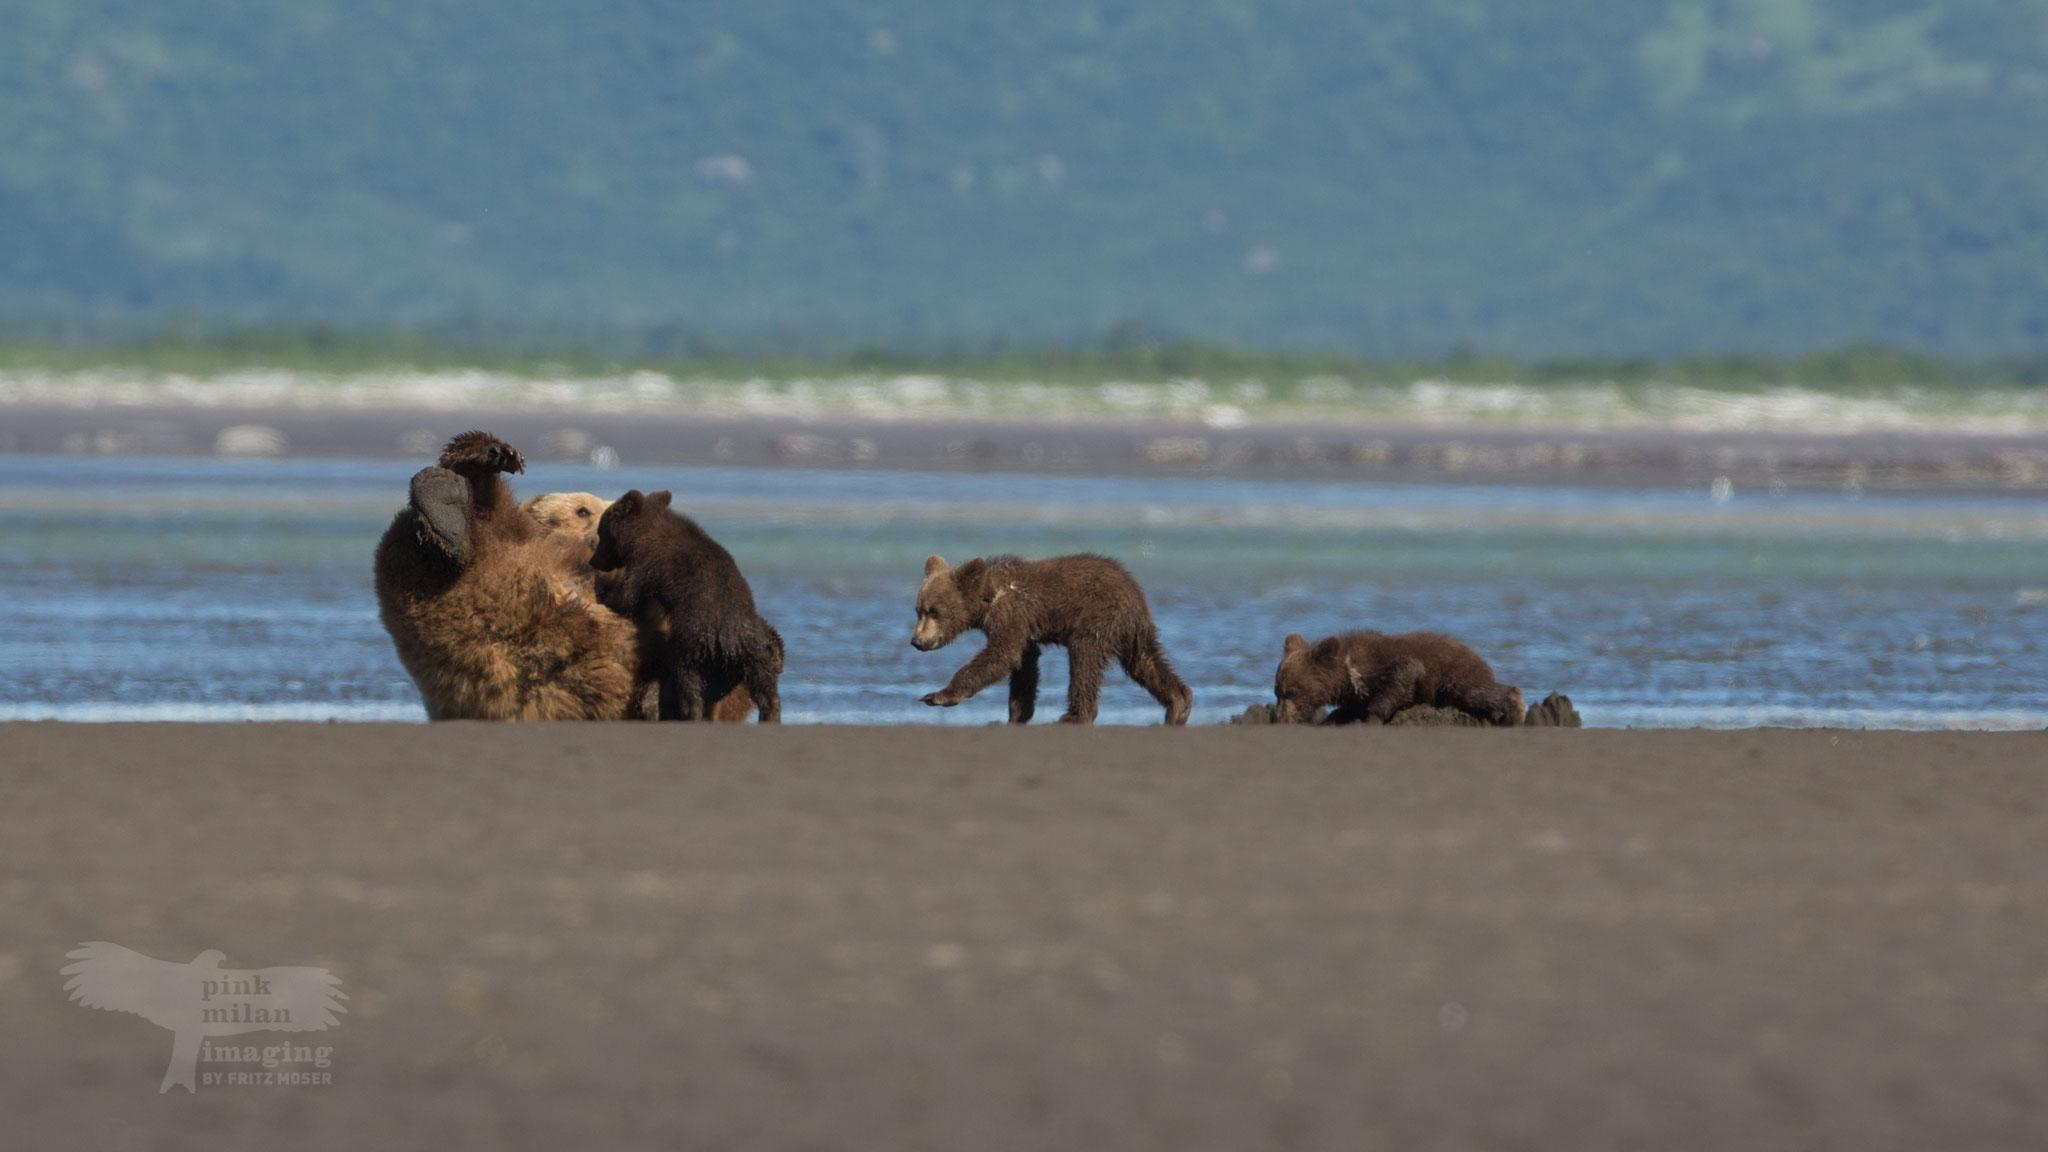 Alaska Grizzly in tidal zone